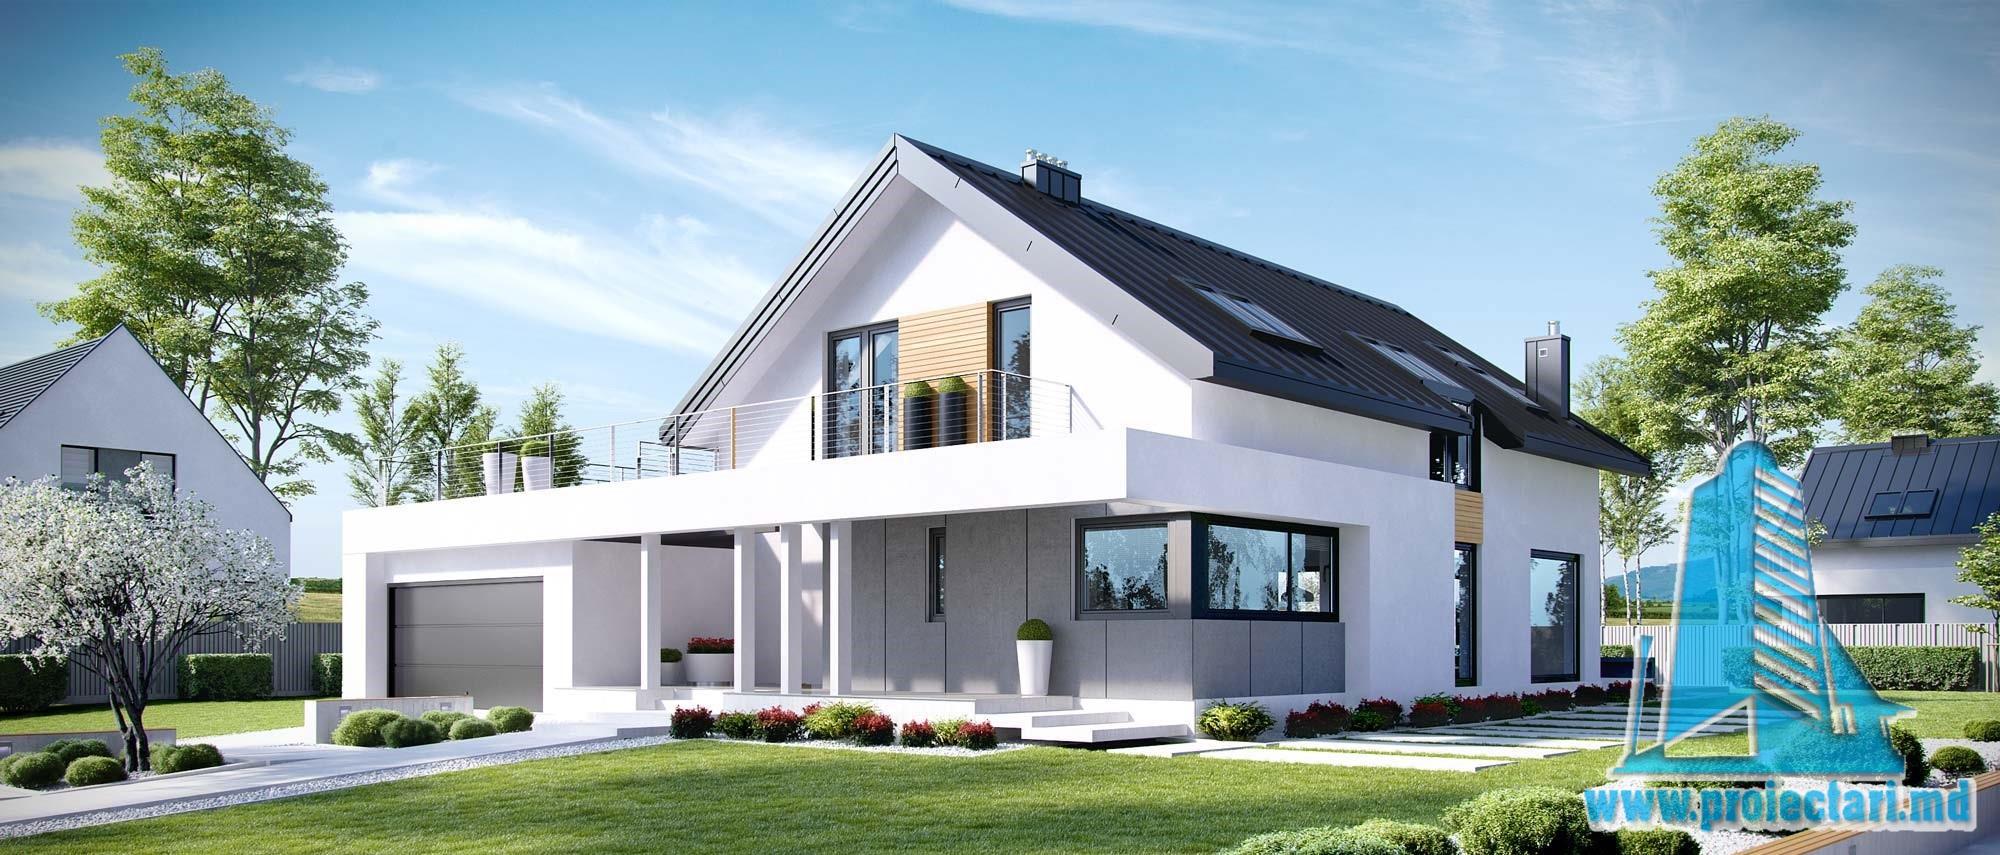 Casa cu parter, mansarda si garaj pentru doua automobile-367 m2-101027